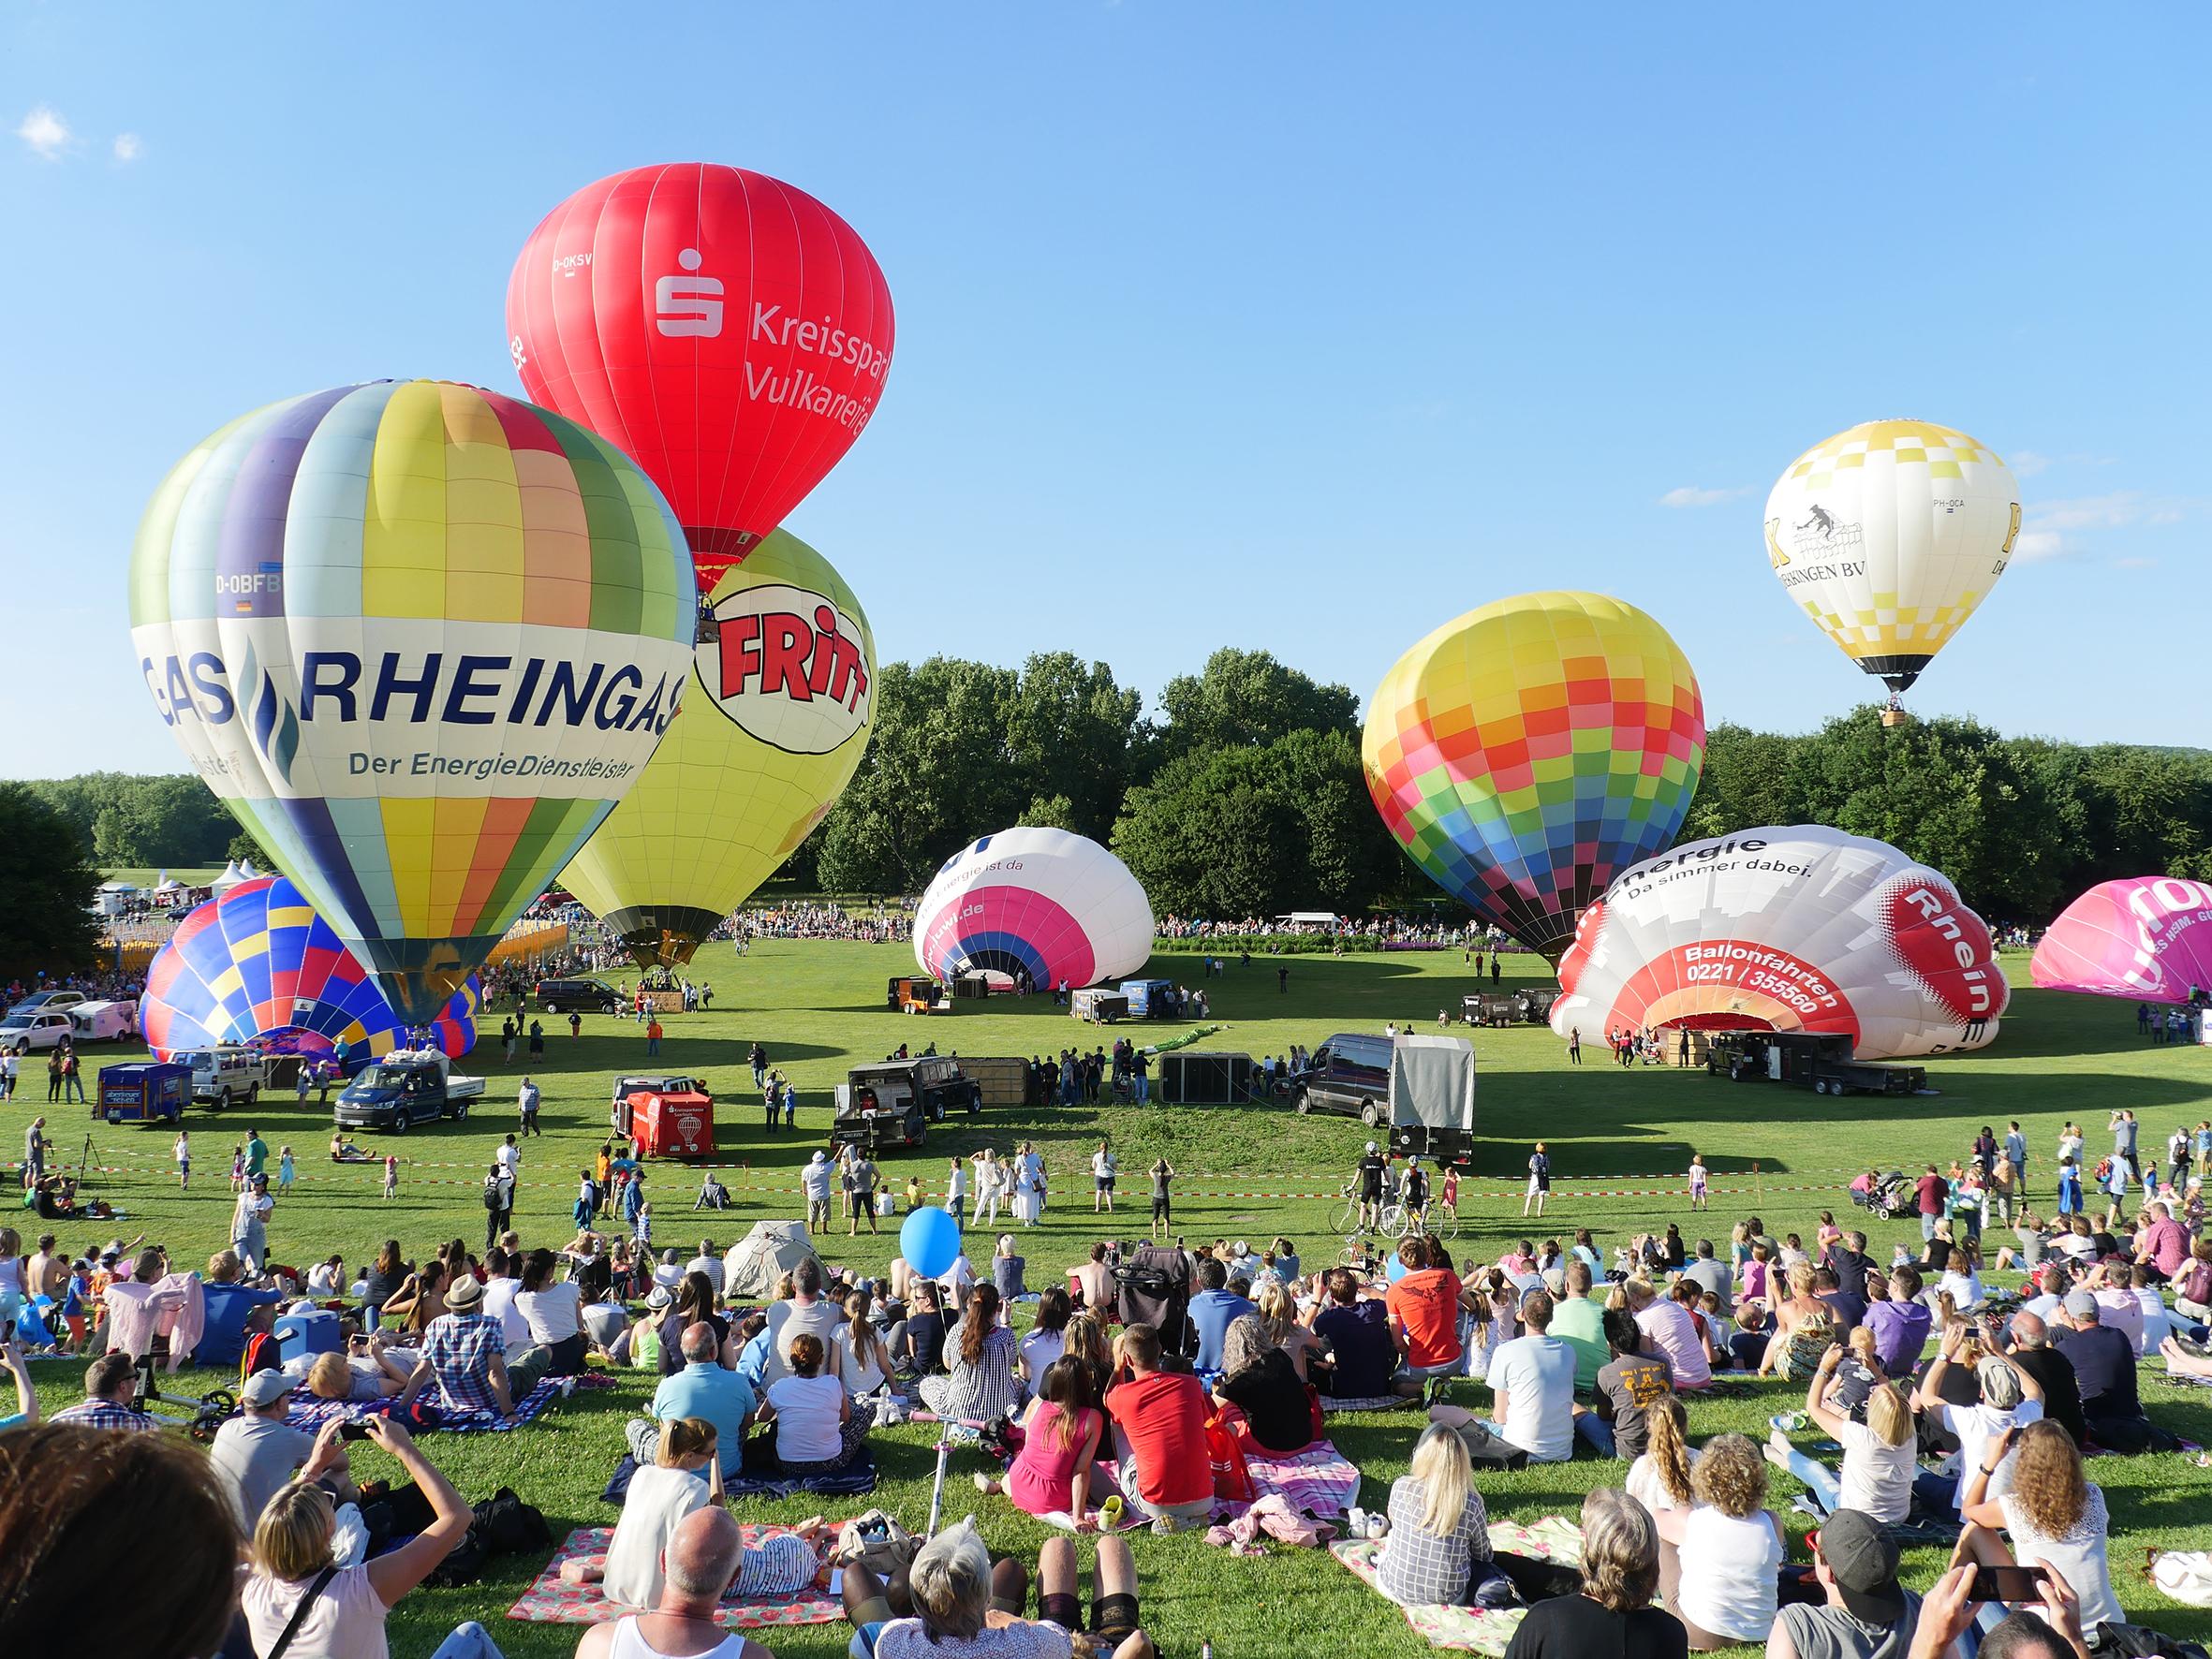 Bunter Himmel über Bonn: Ballonfestival in der Rheinaue